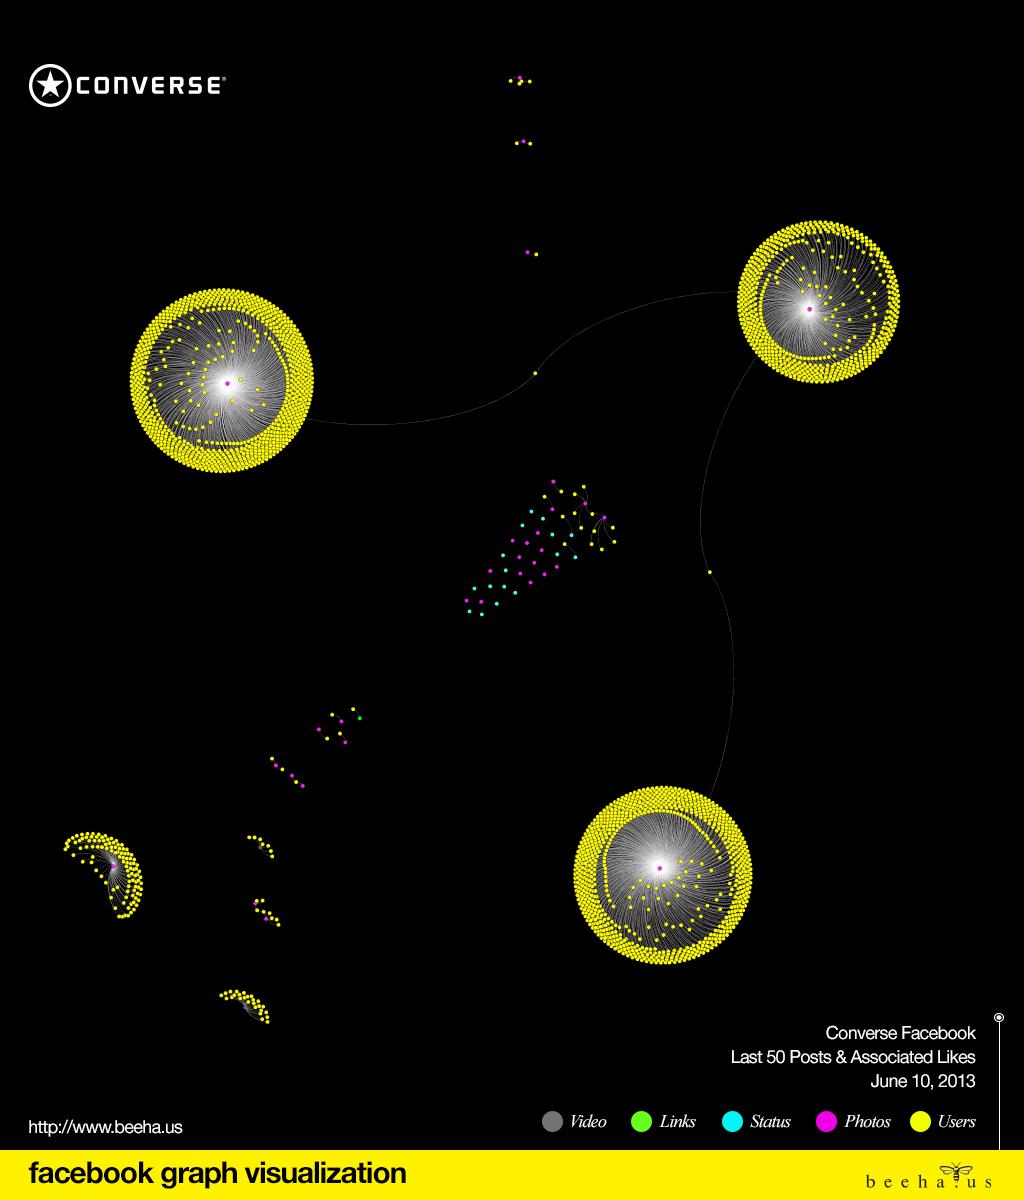 Converse Facebook Graph Visualization